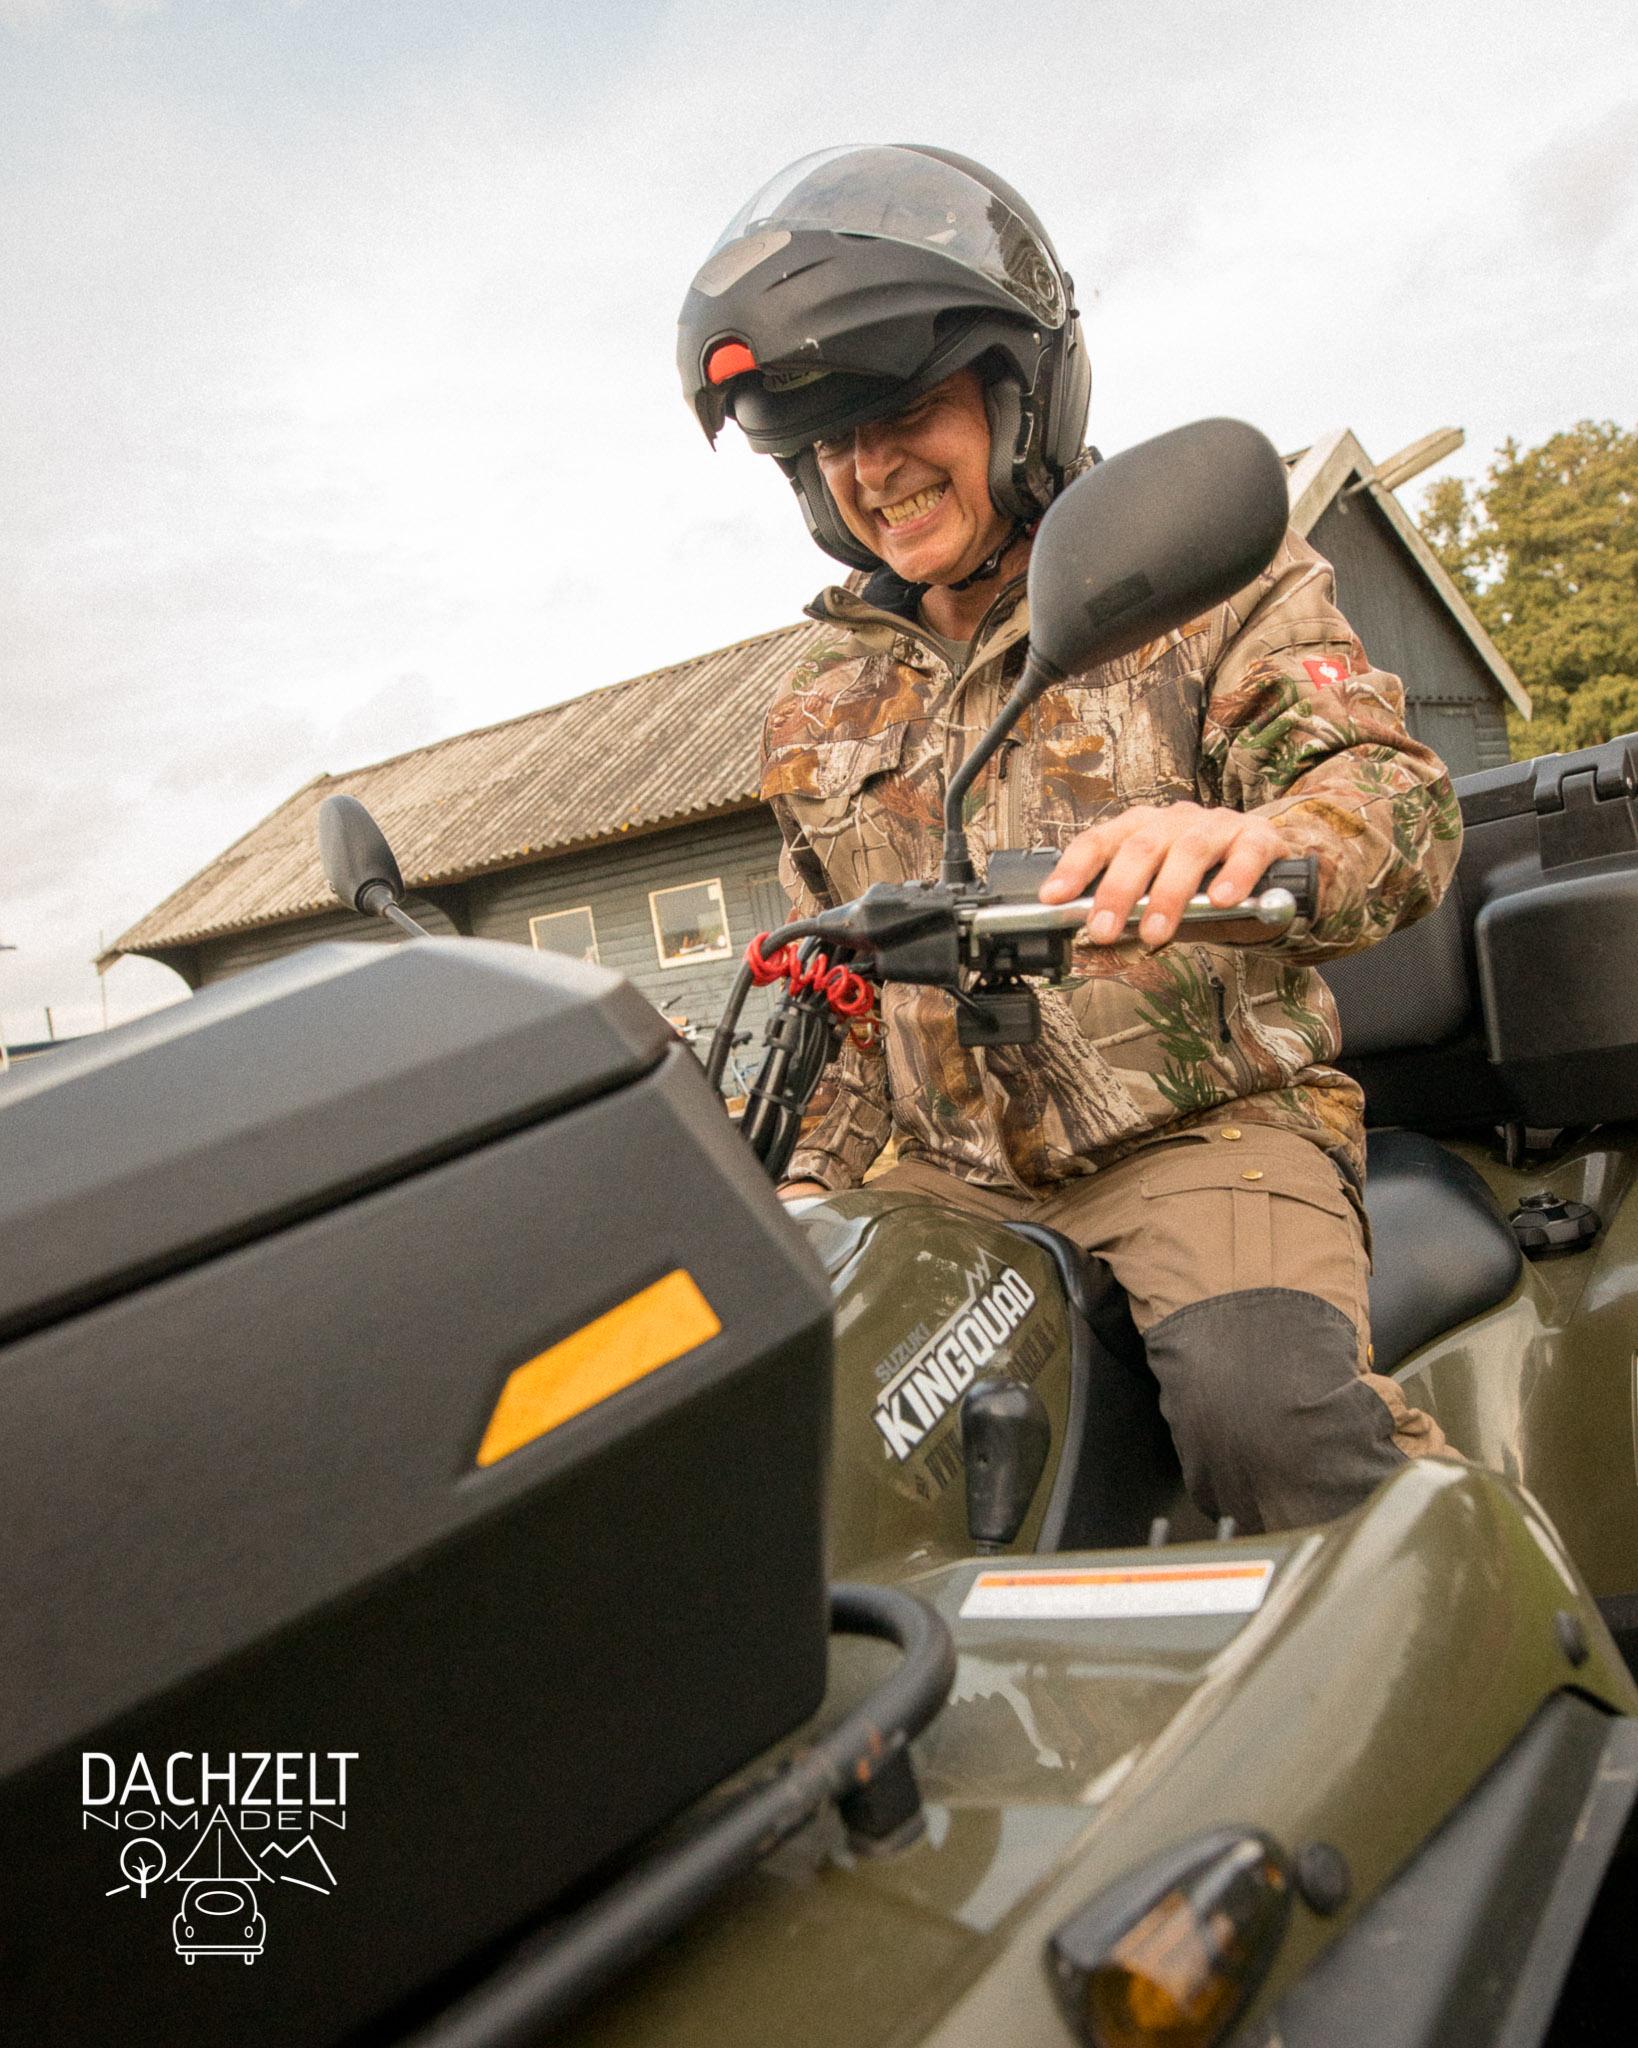 20191015-Dachzelt-Camp-Speciaal-Dennis-Brandt- DB 1609